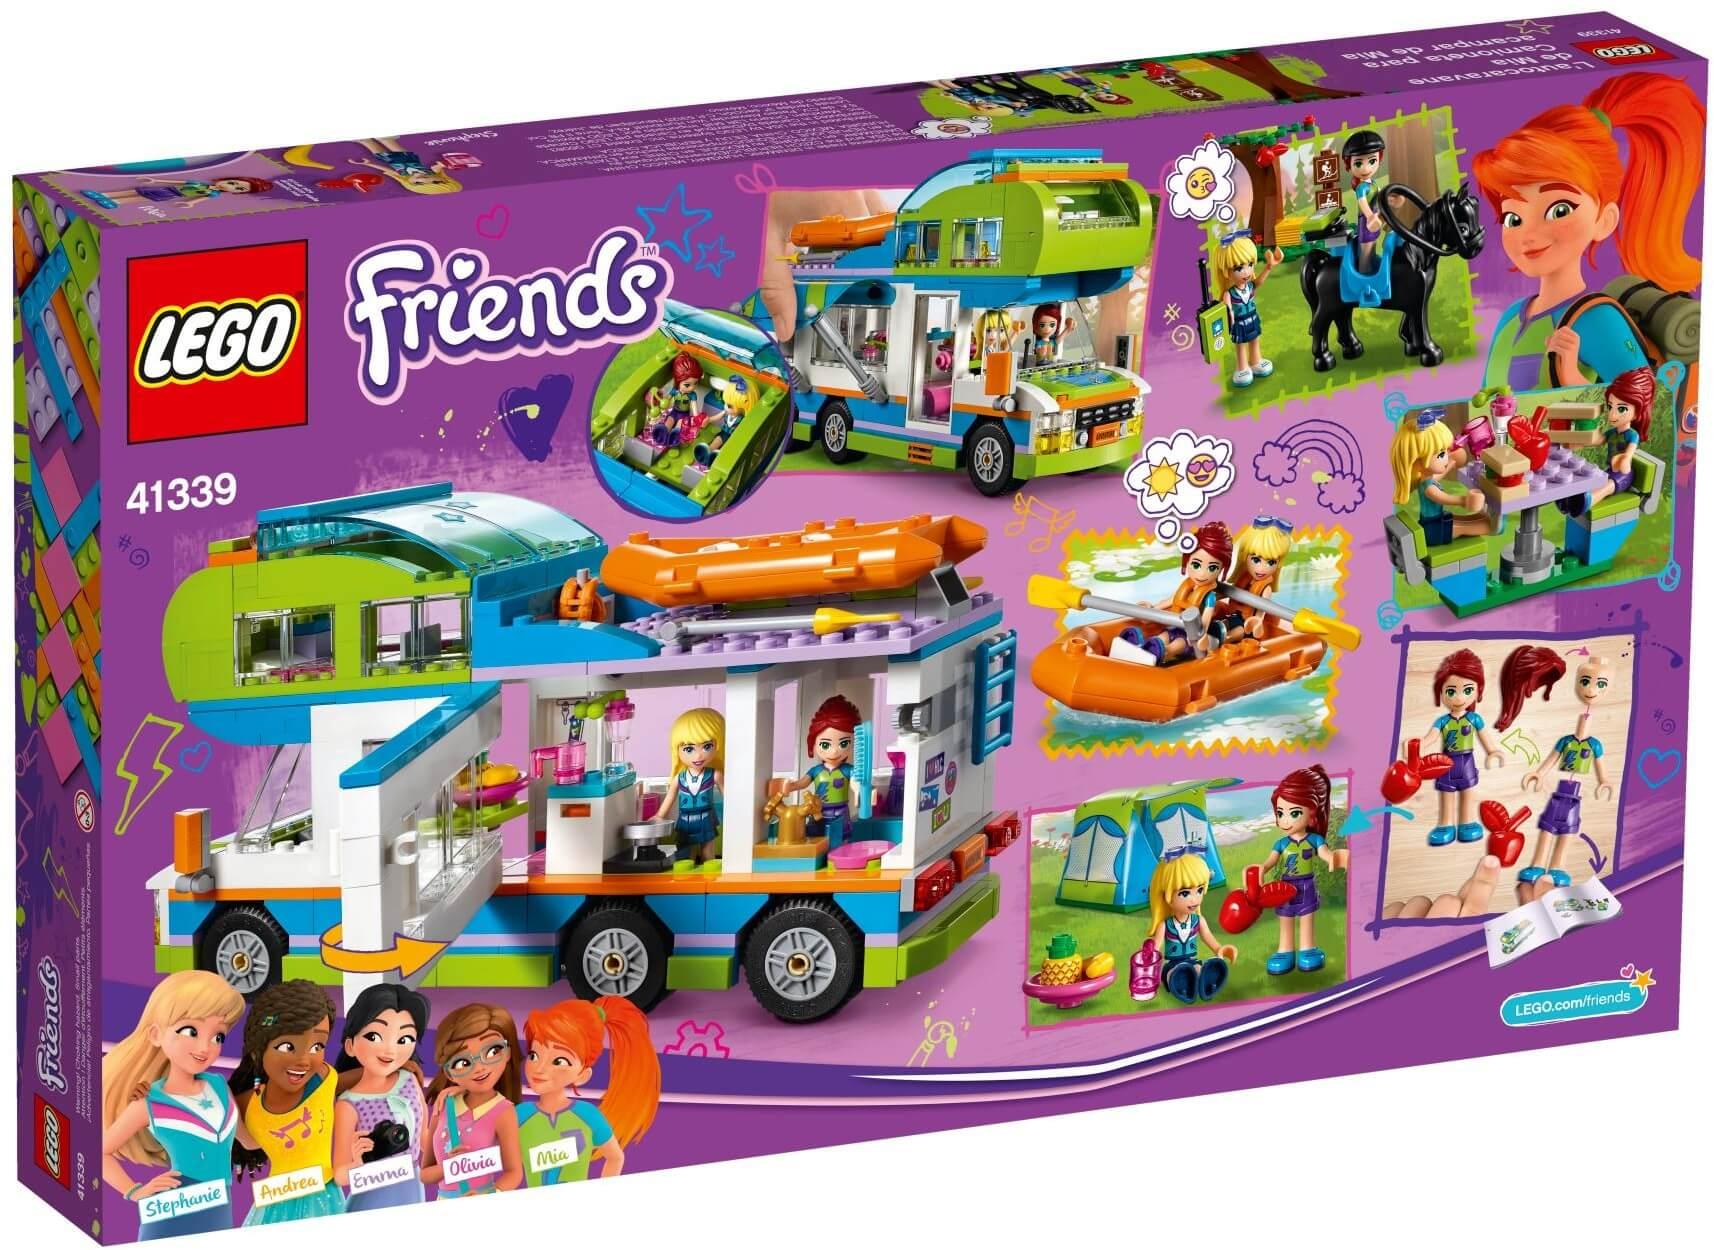 Mua đồ chơi LEGO 41339 - LEGO Friends 41339 - Xe Cắm Trại của Mia (LEGO Friends 41339 Mia's Camper Van)